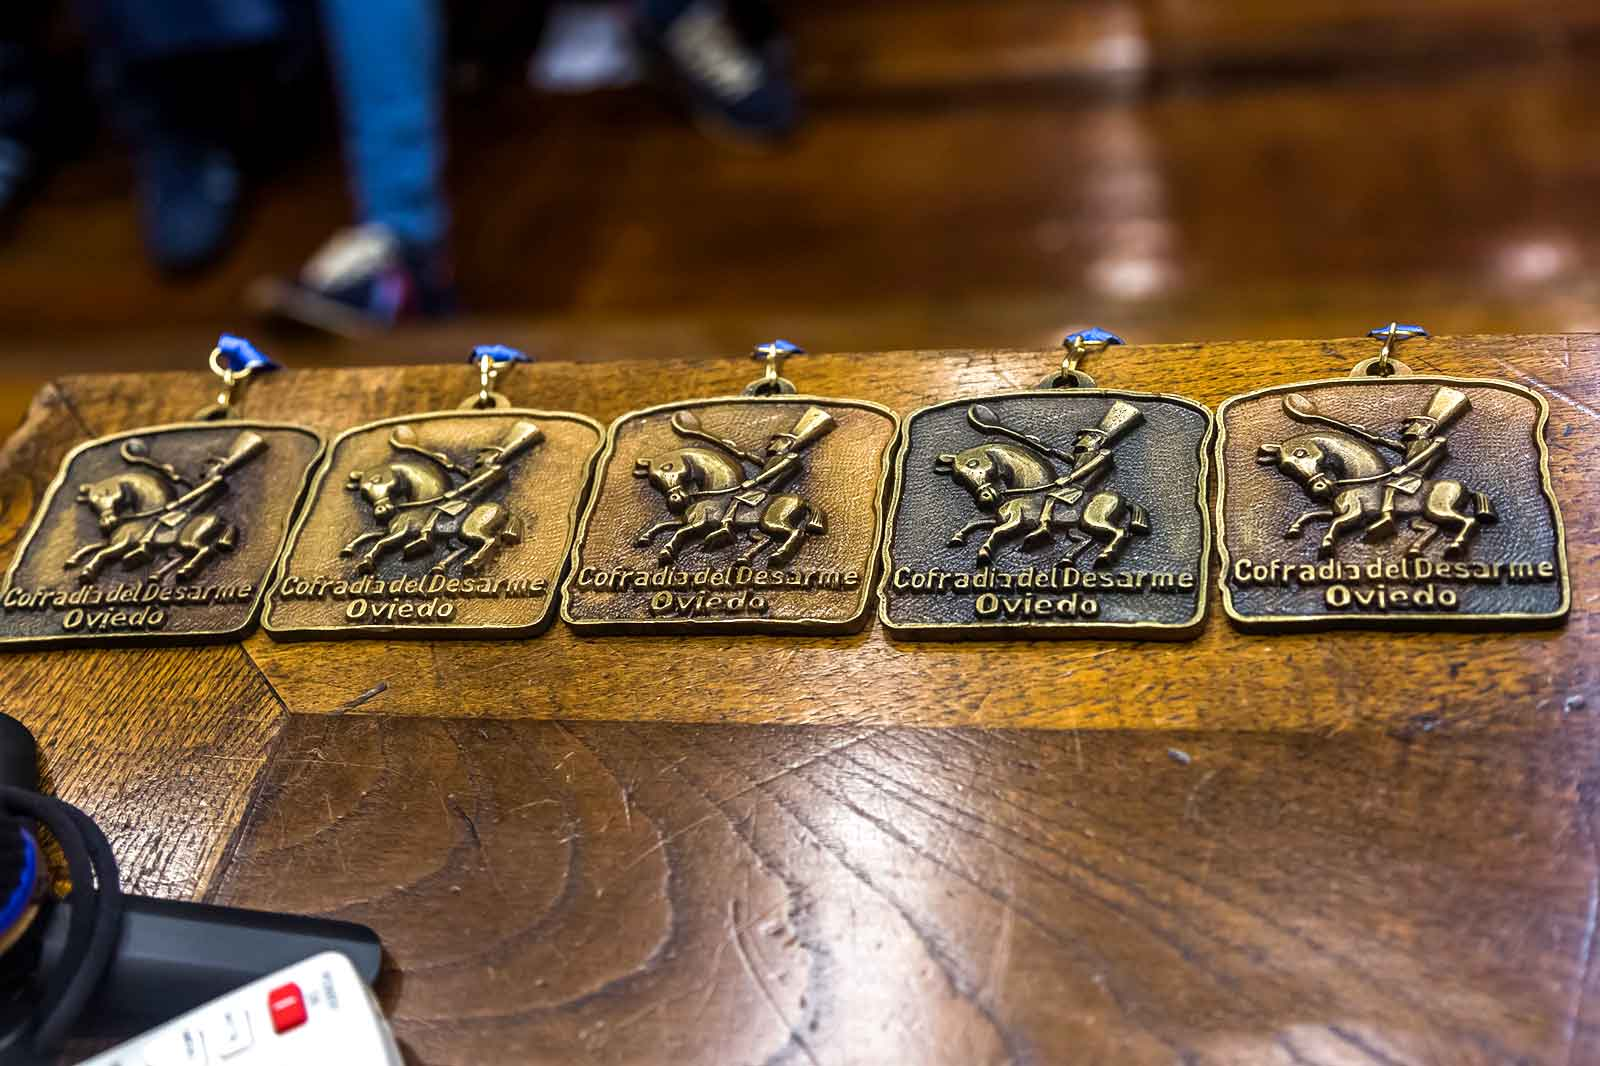 medallas-cofradia-del-desarme